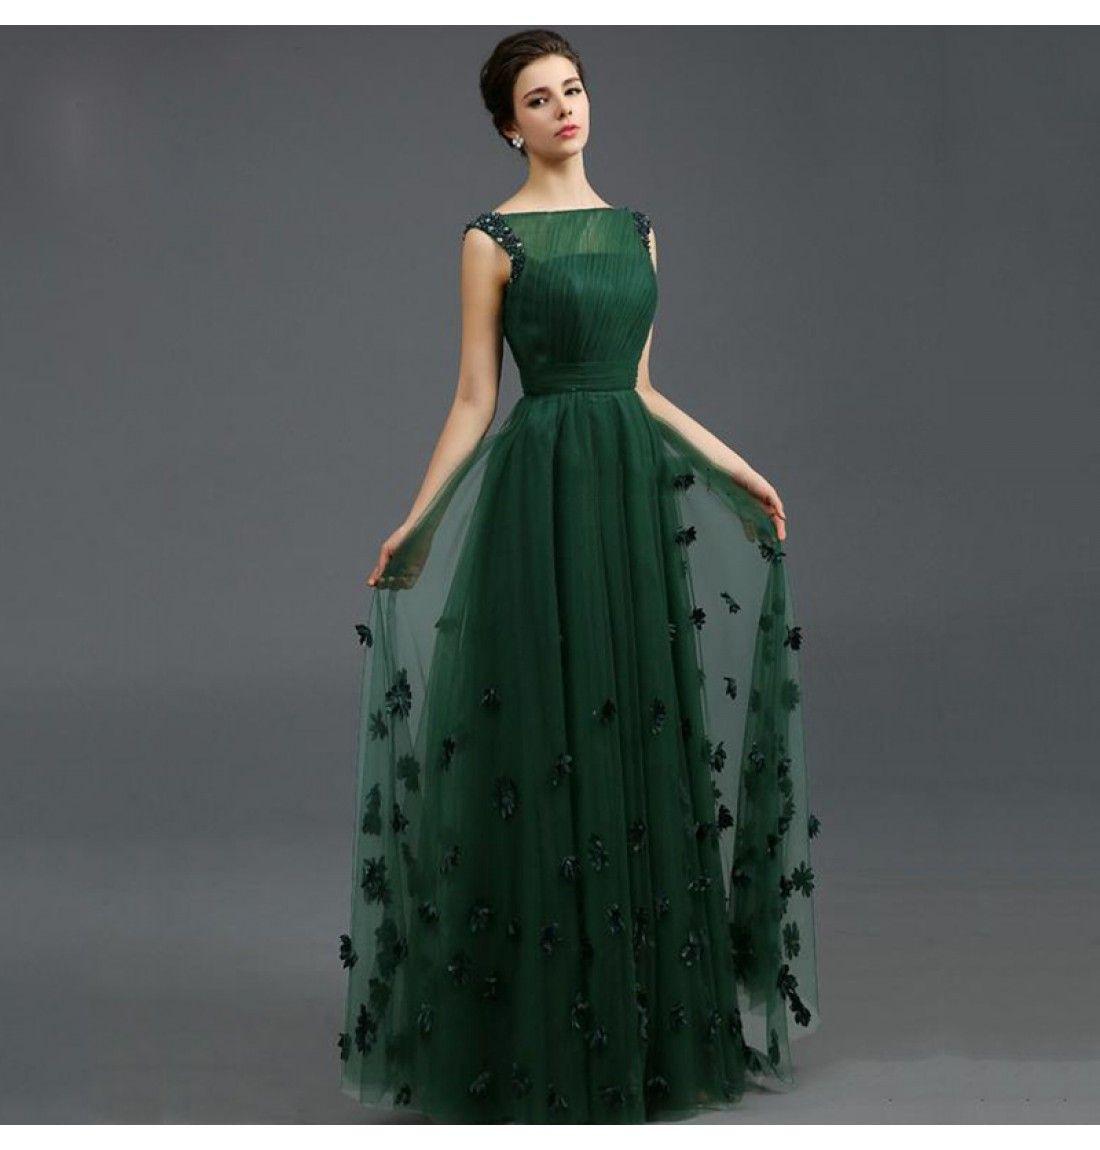 15 Genial Vintage Abend Kleider Ärmel13 Fantastisch Vintage Abend Kleider für 2019